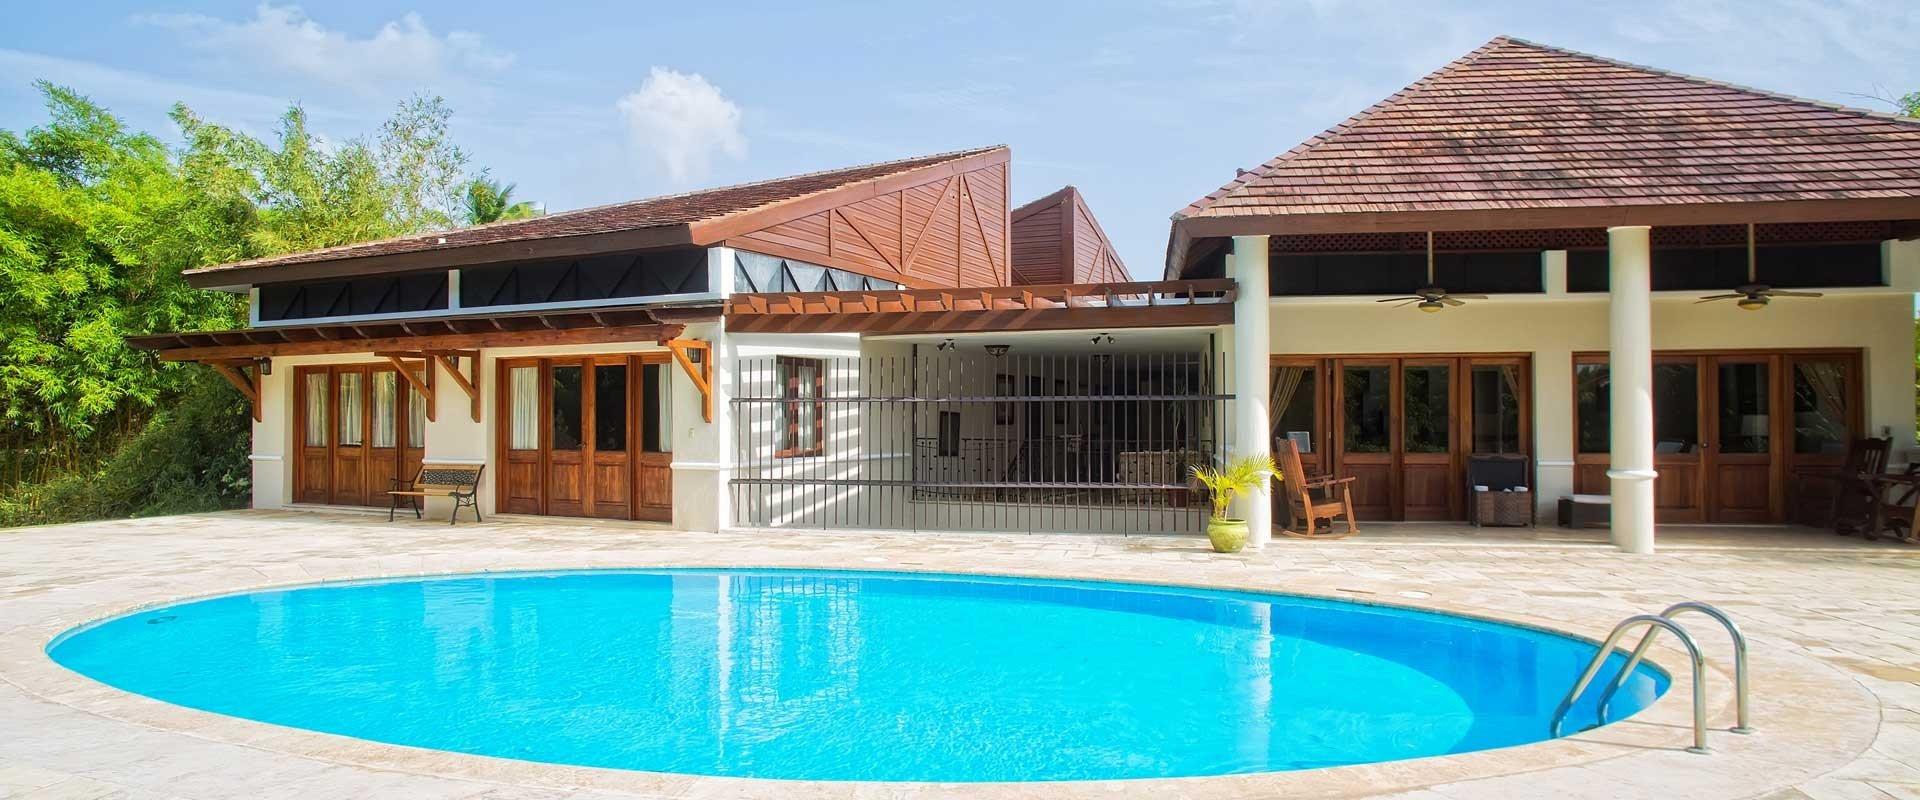 Isle Blue Luxury Villas